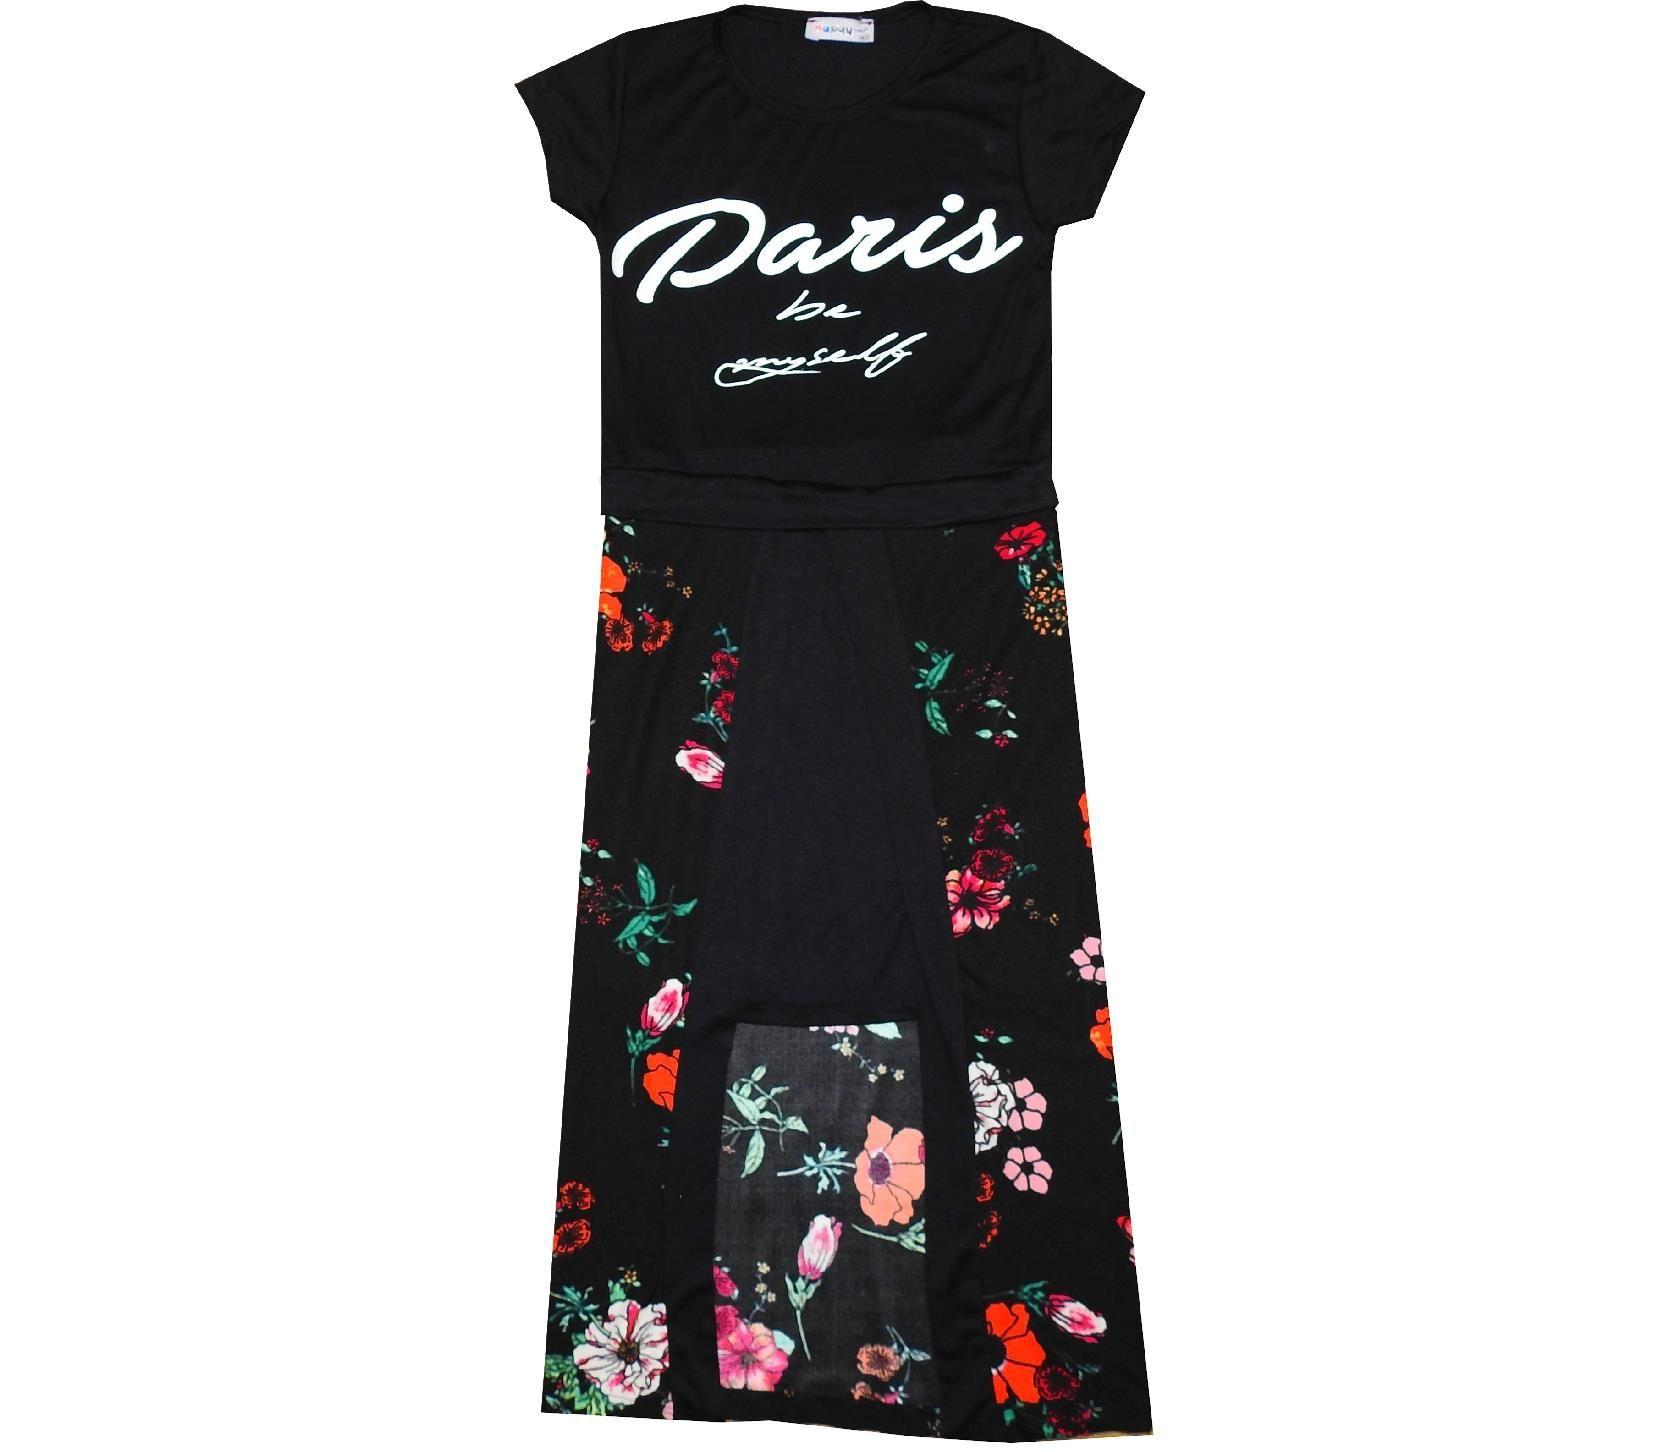 4000 Kiz Cocuk Elbise Paris Be My Selfi Yazili 10 12 14 16 Yas 2822041855 Happywippa Kiz Elbiseler Yazlik Urunler Gt Cocuk Grubu Gt Elbise Kizlar Kiz Cocuklar